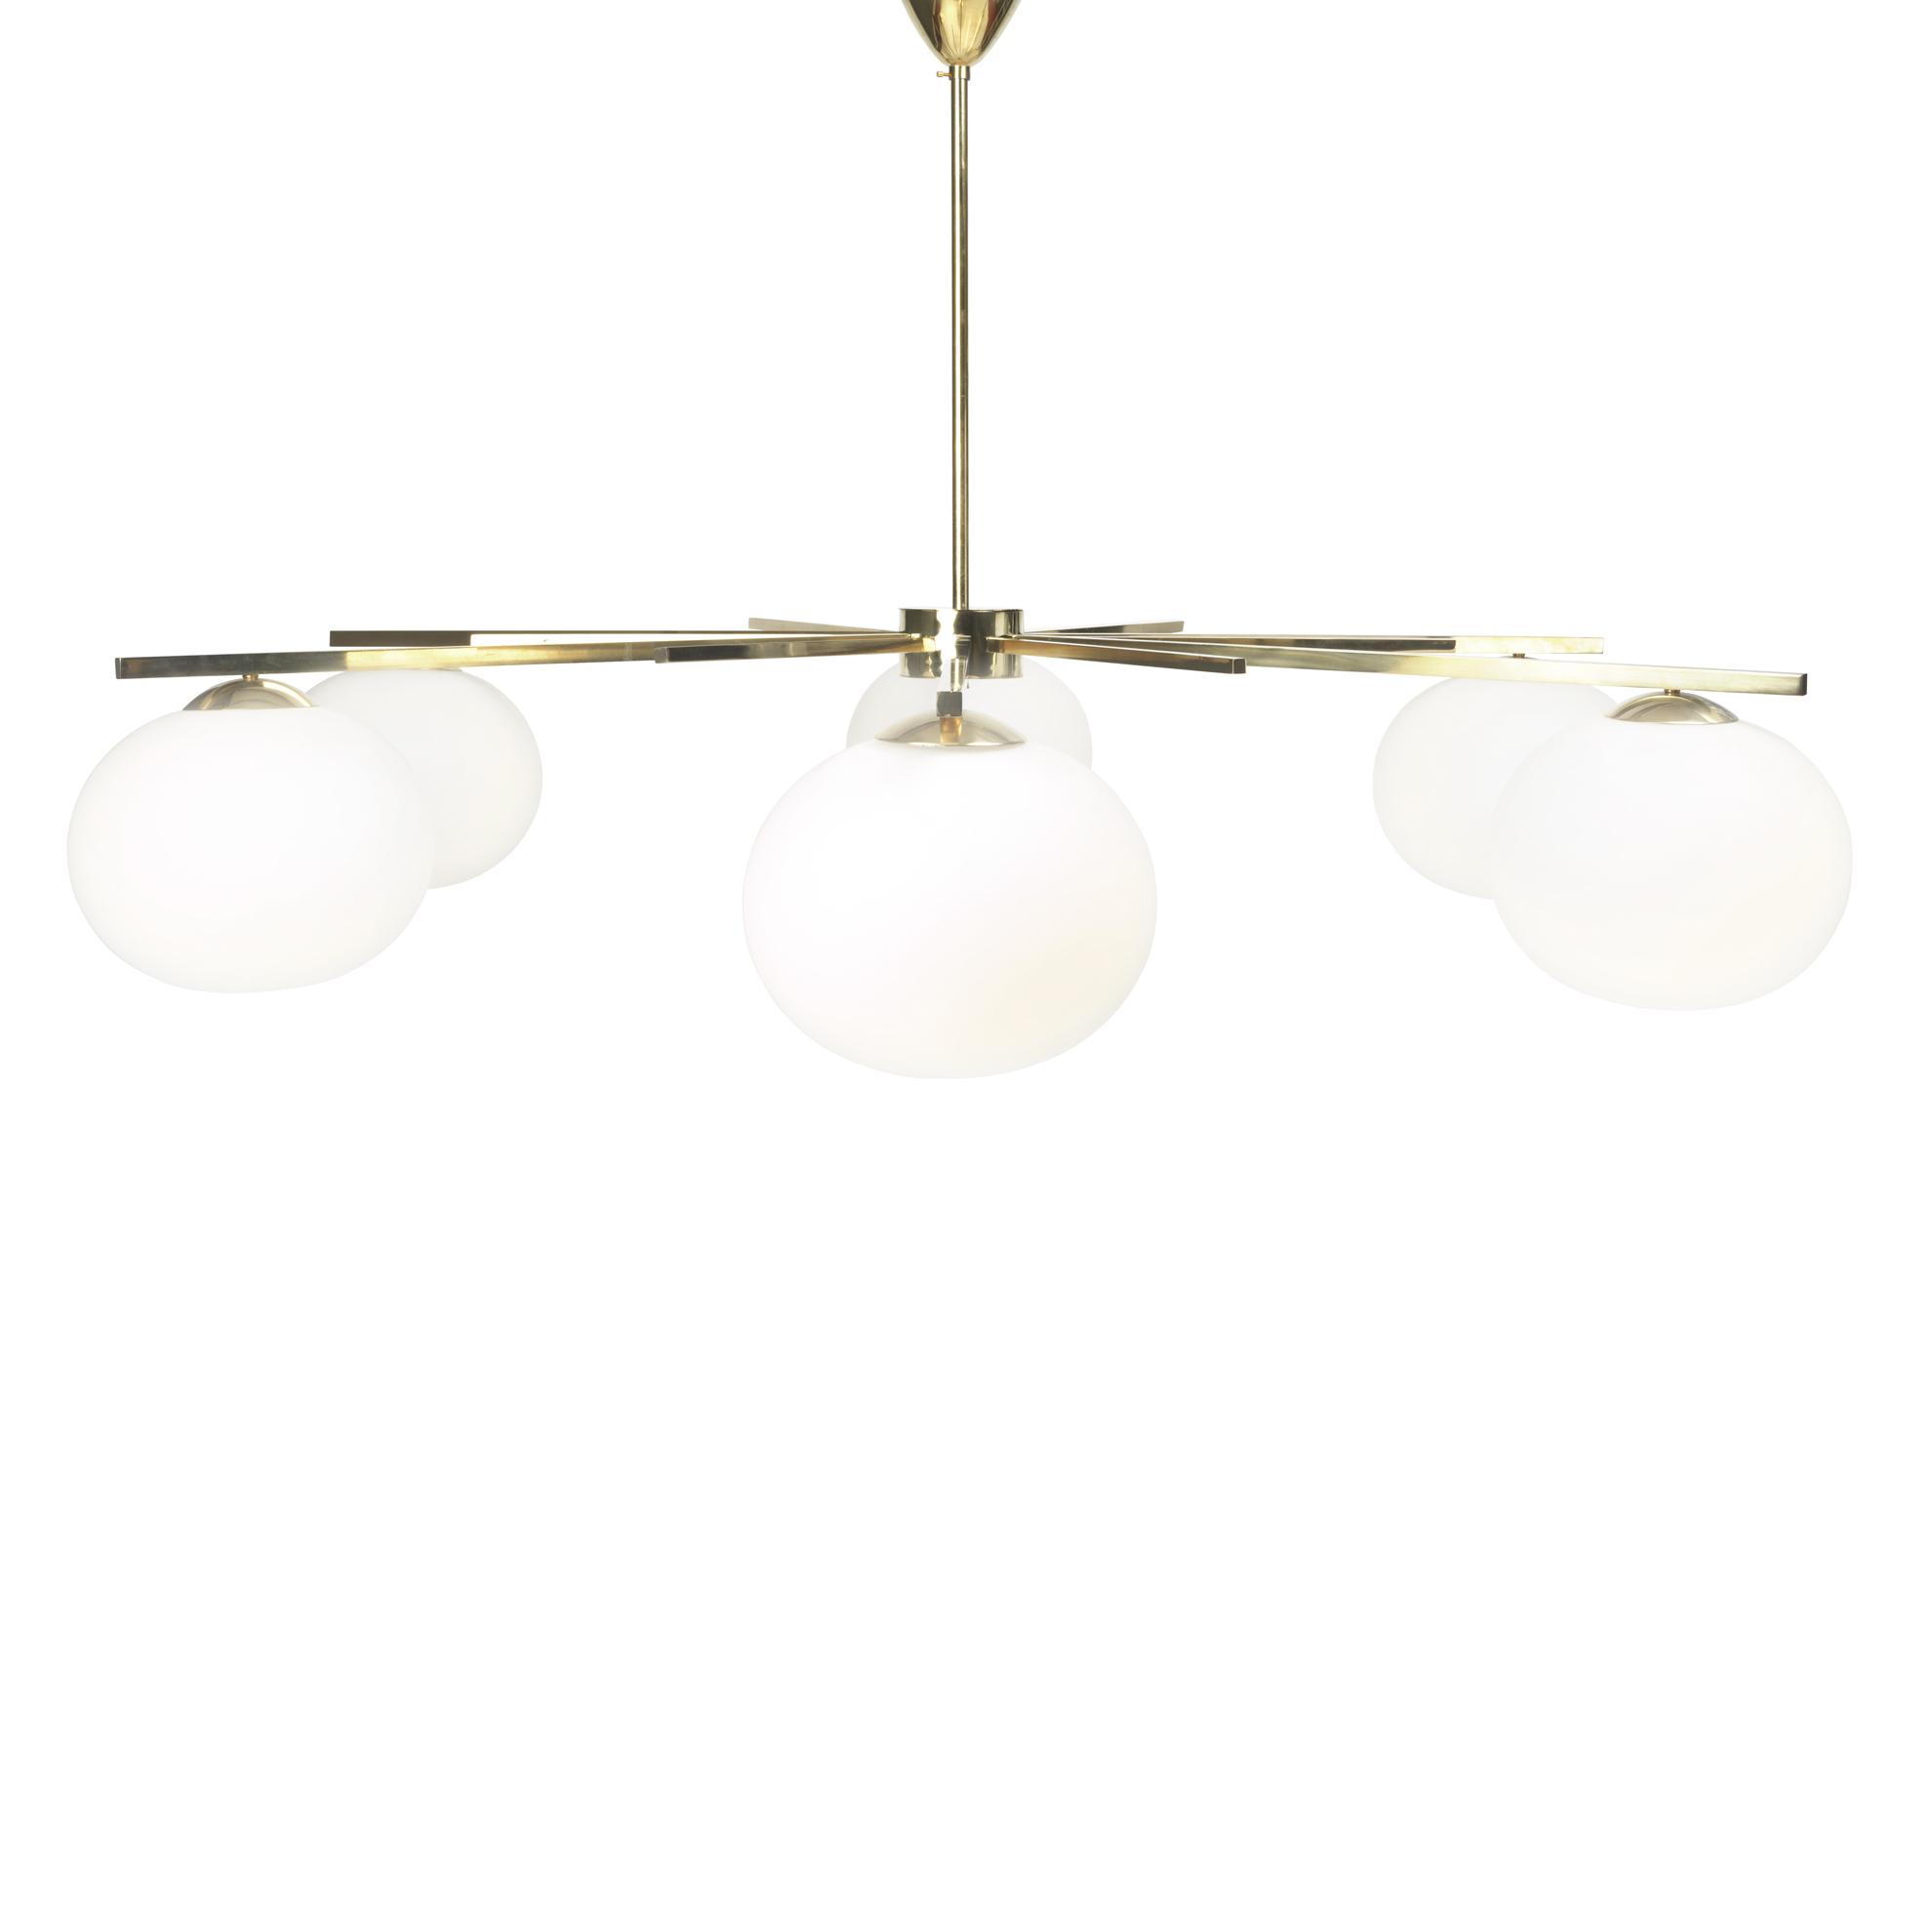 Sphere ceiling lamp